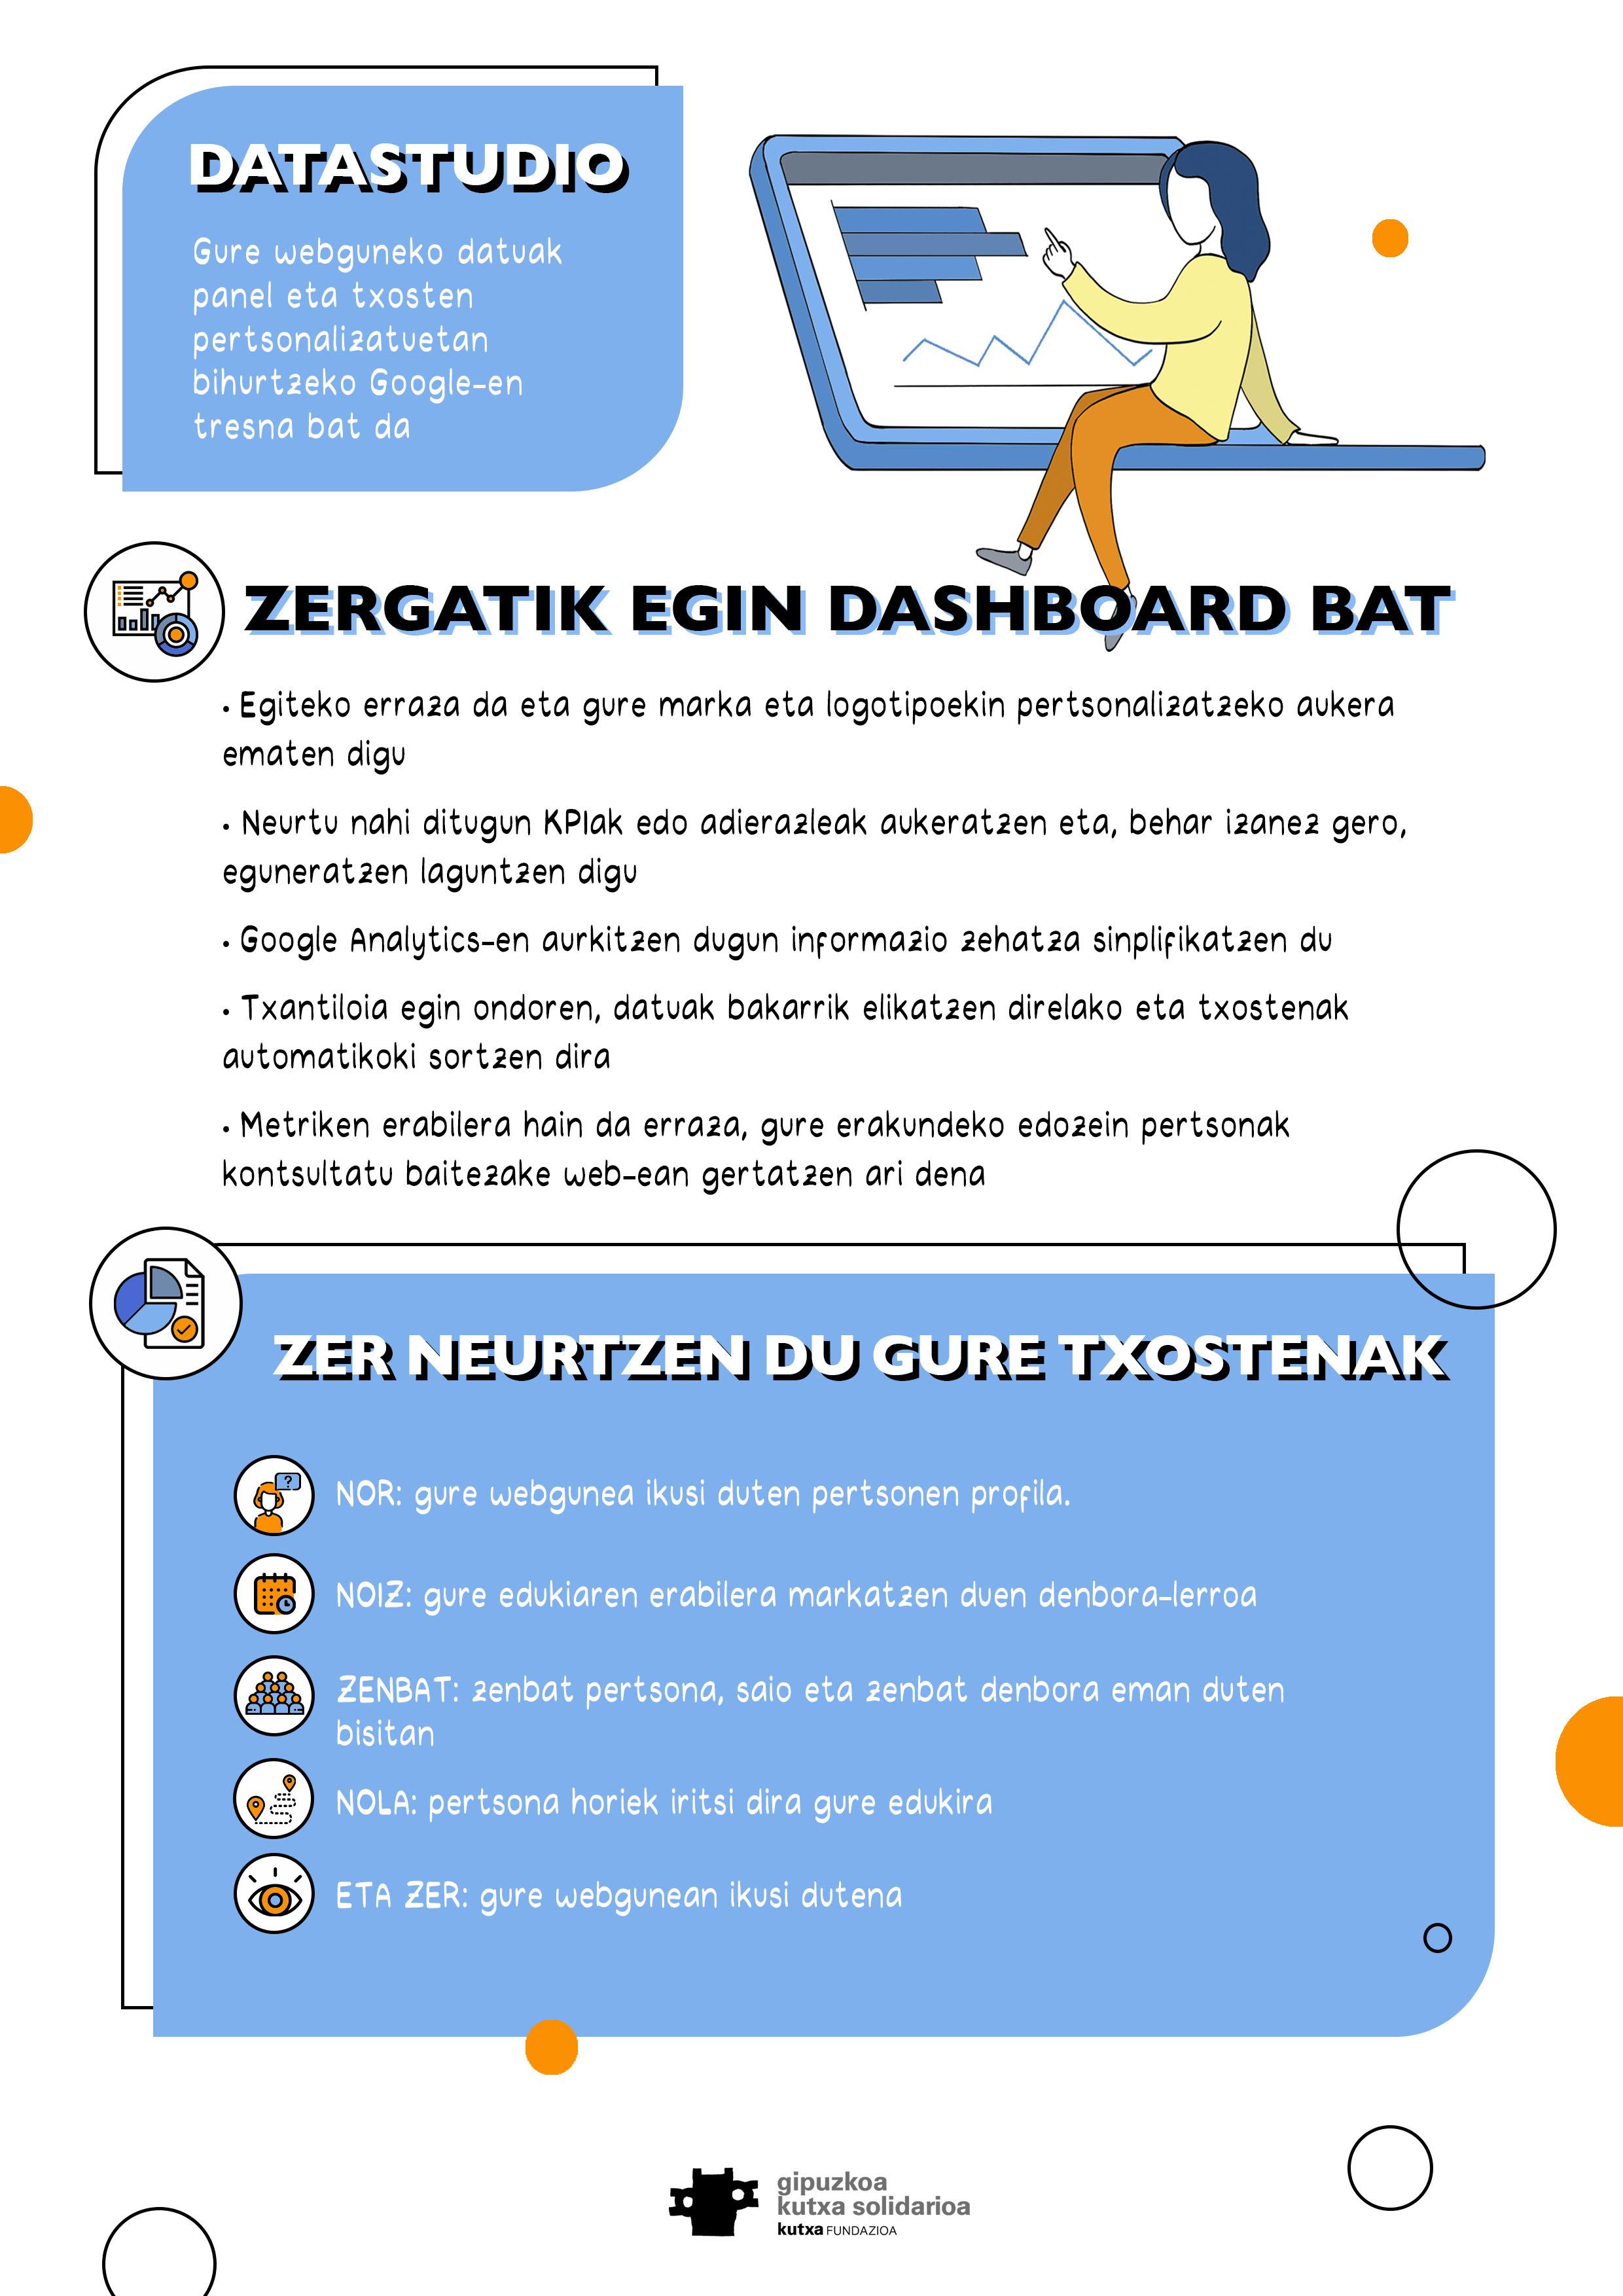 Infografía DataStudio Eusk